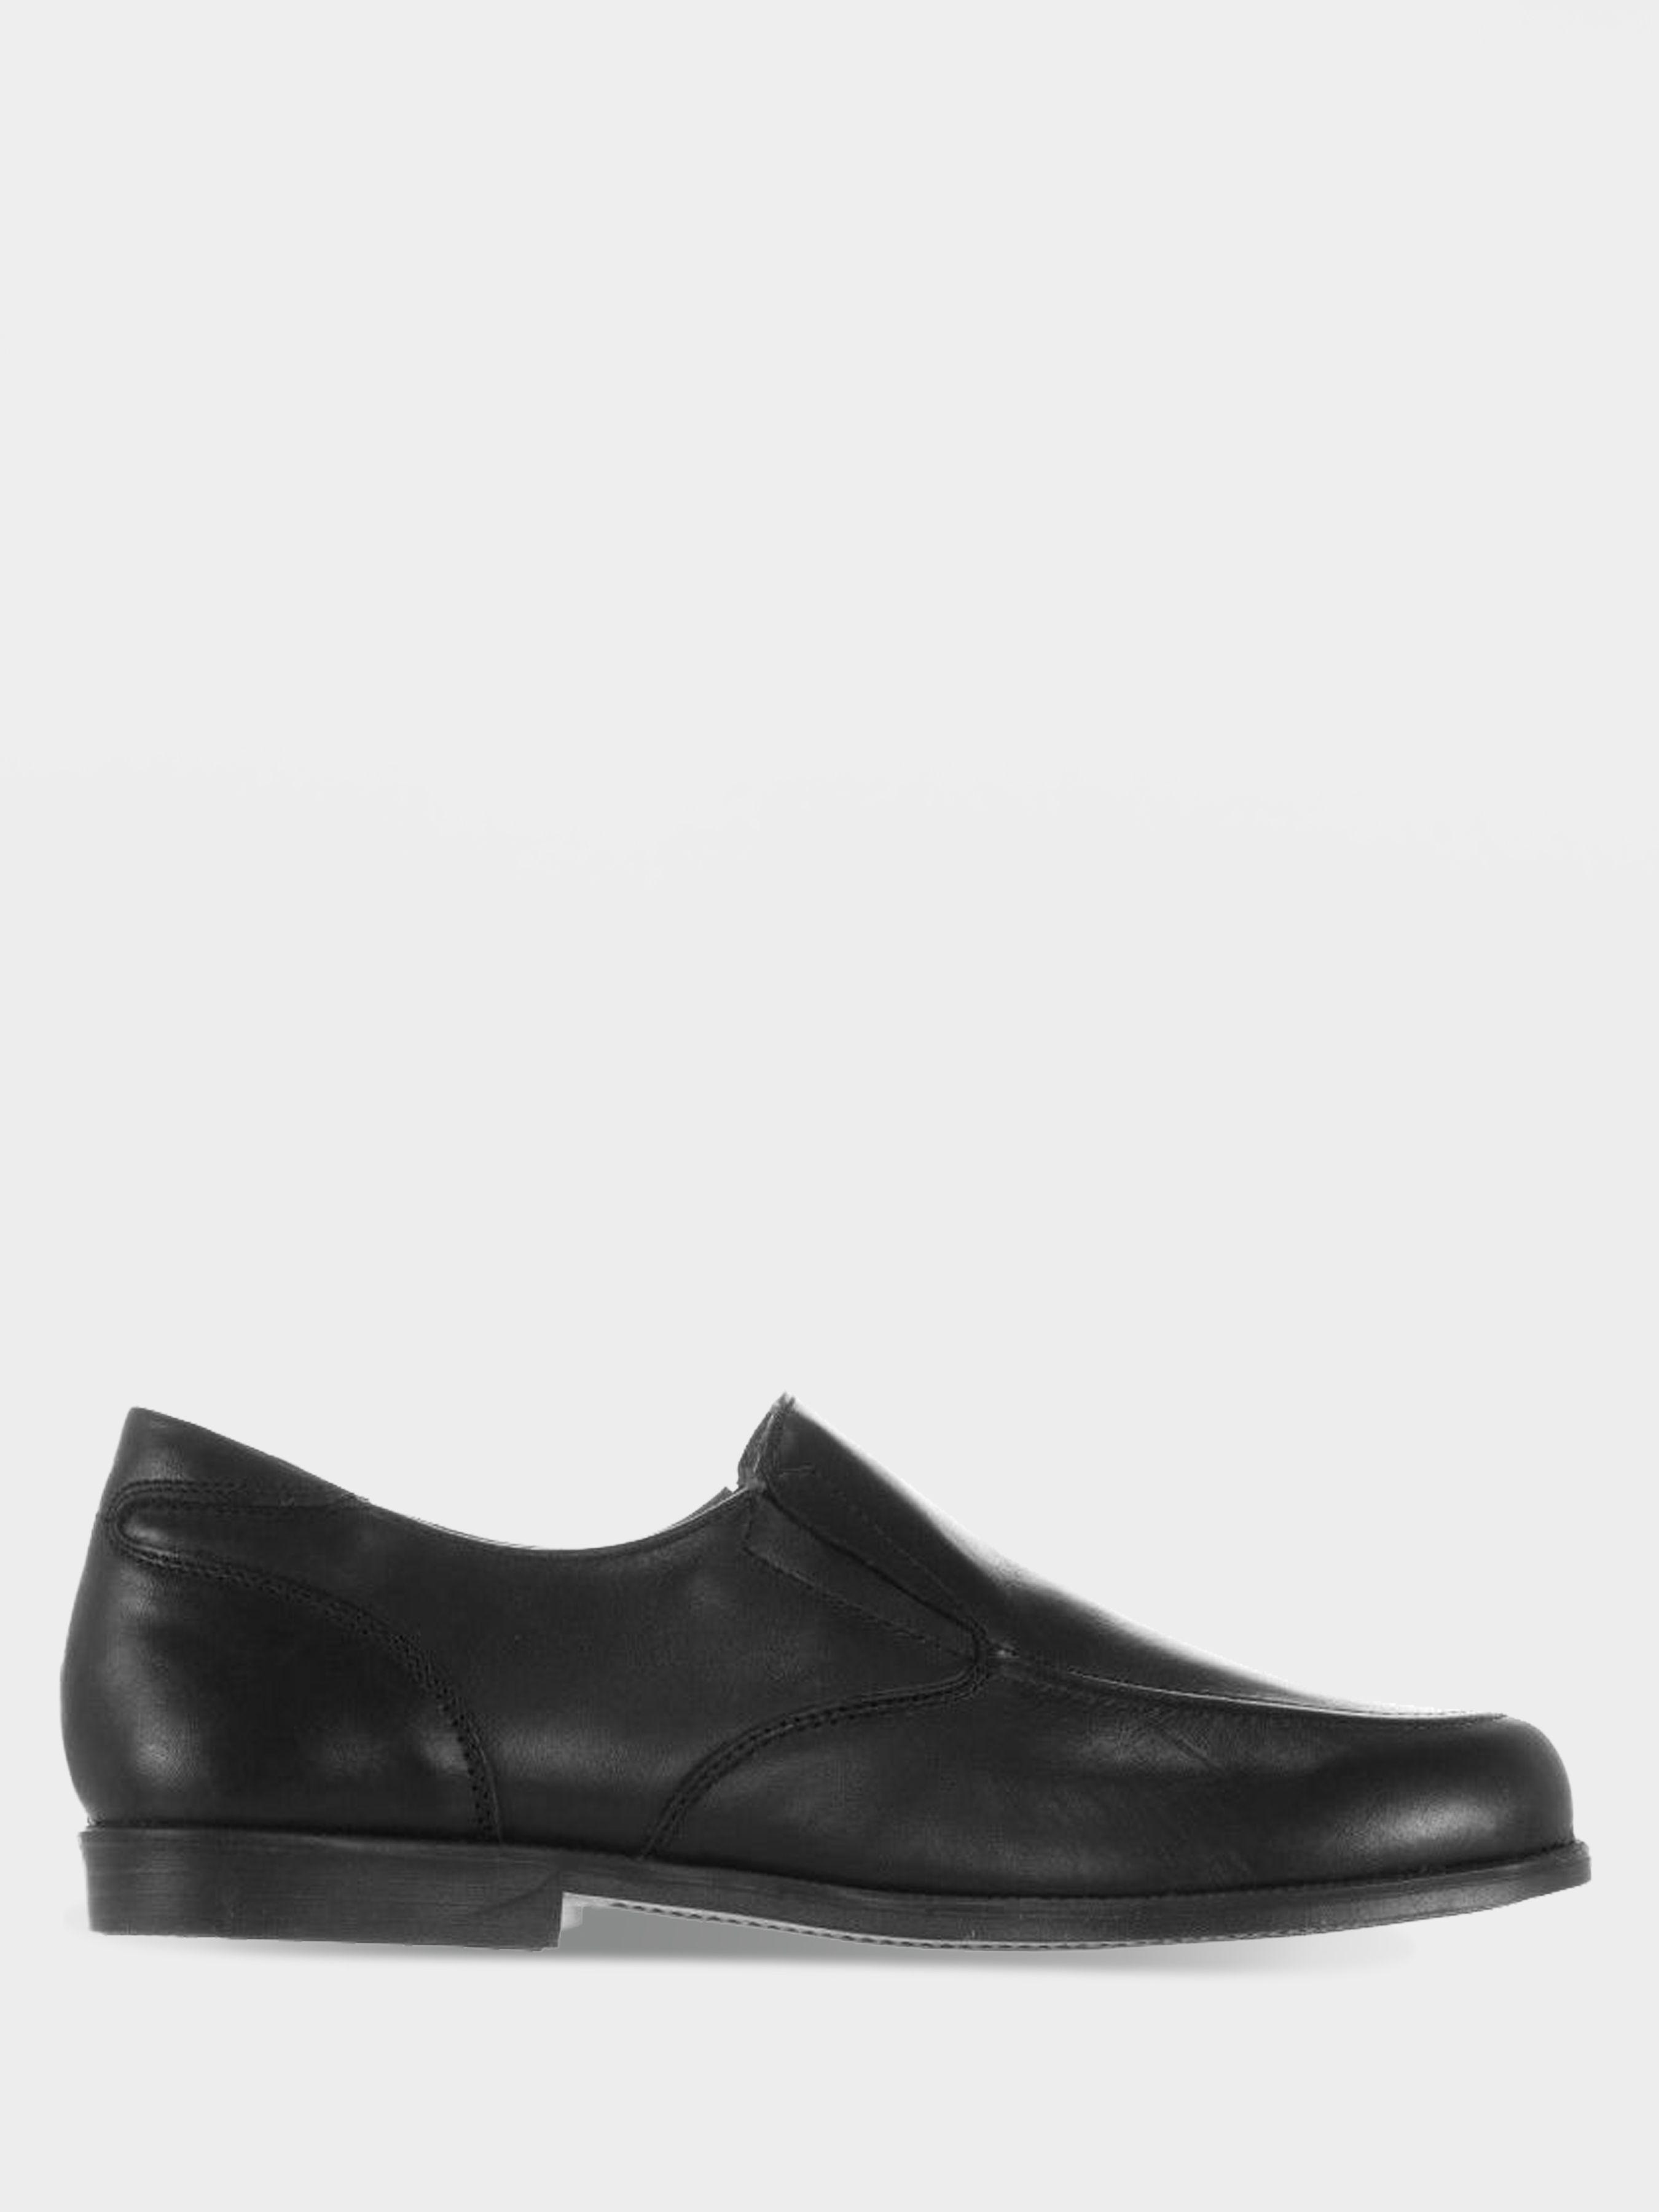 Купить Туфли детские Braska Кайрос AE140, Черный